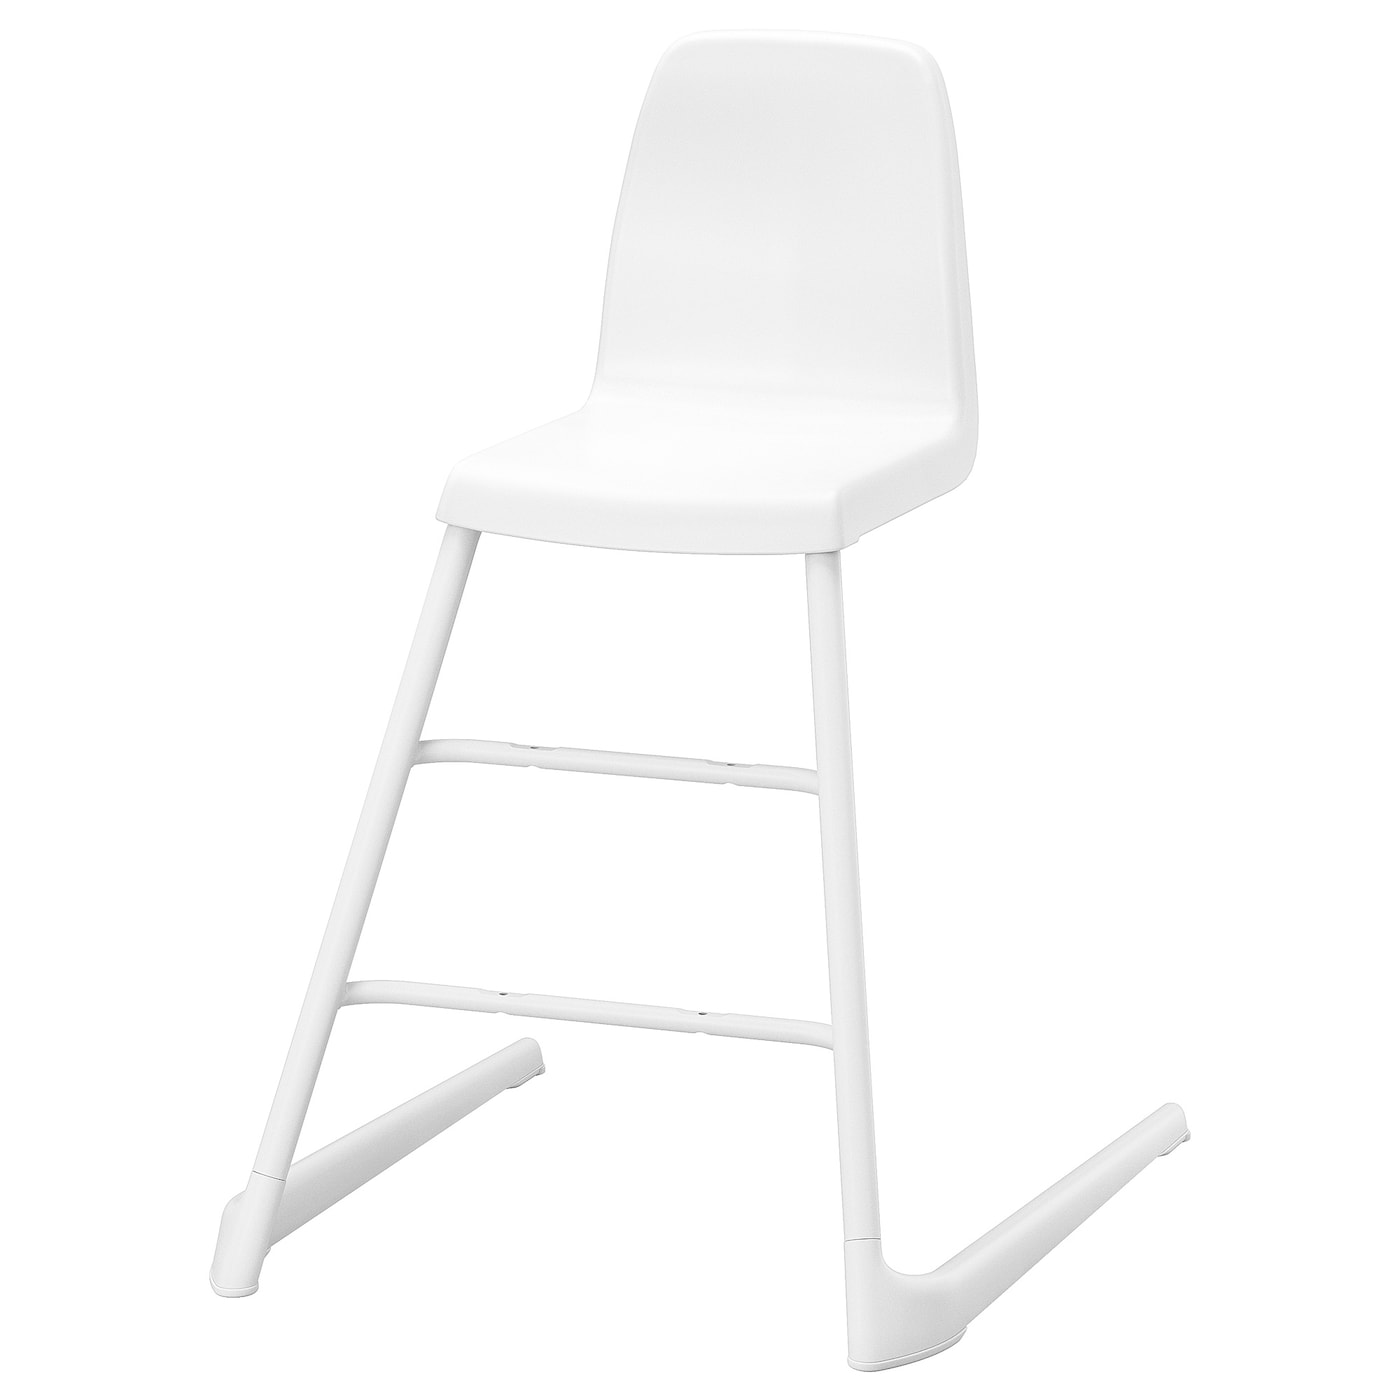 LANGUR Chaise enfant, blanc IKEA